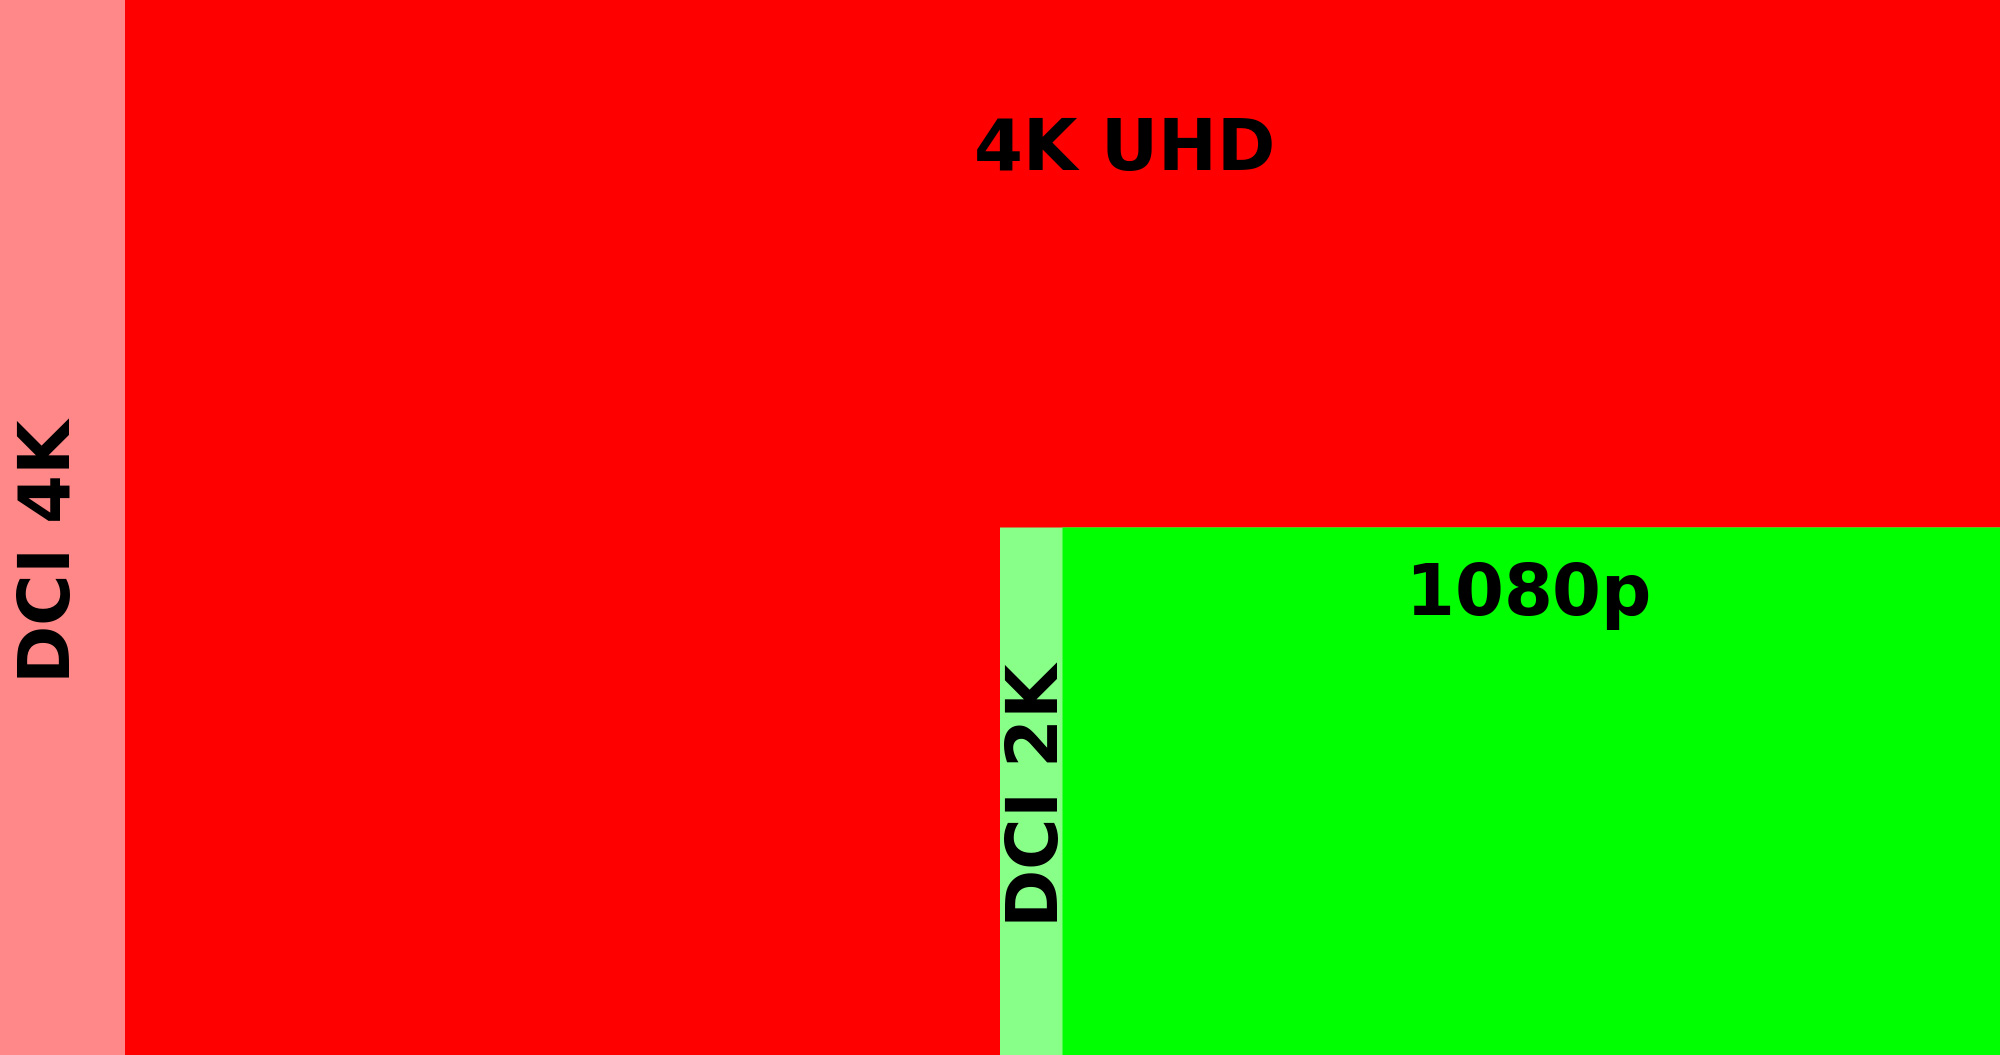 ratgeber computer f r 4k videobearbeitung konfigurieren teil 1 cpu gpu und die kern frage. Black Bedroom Furniture Sets. Home Design Ideas